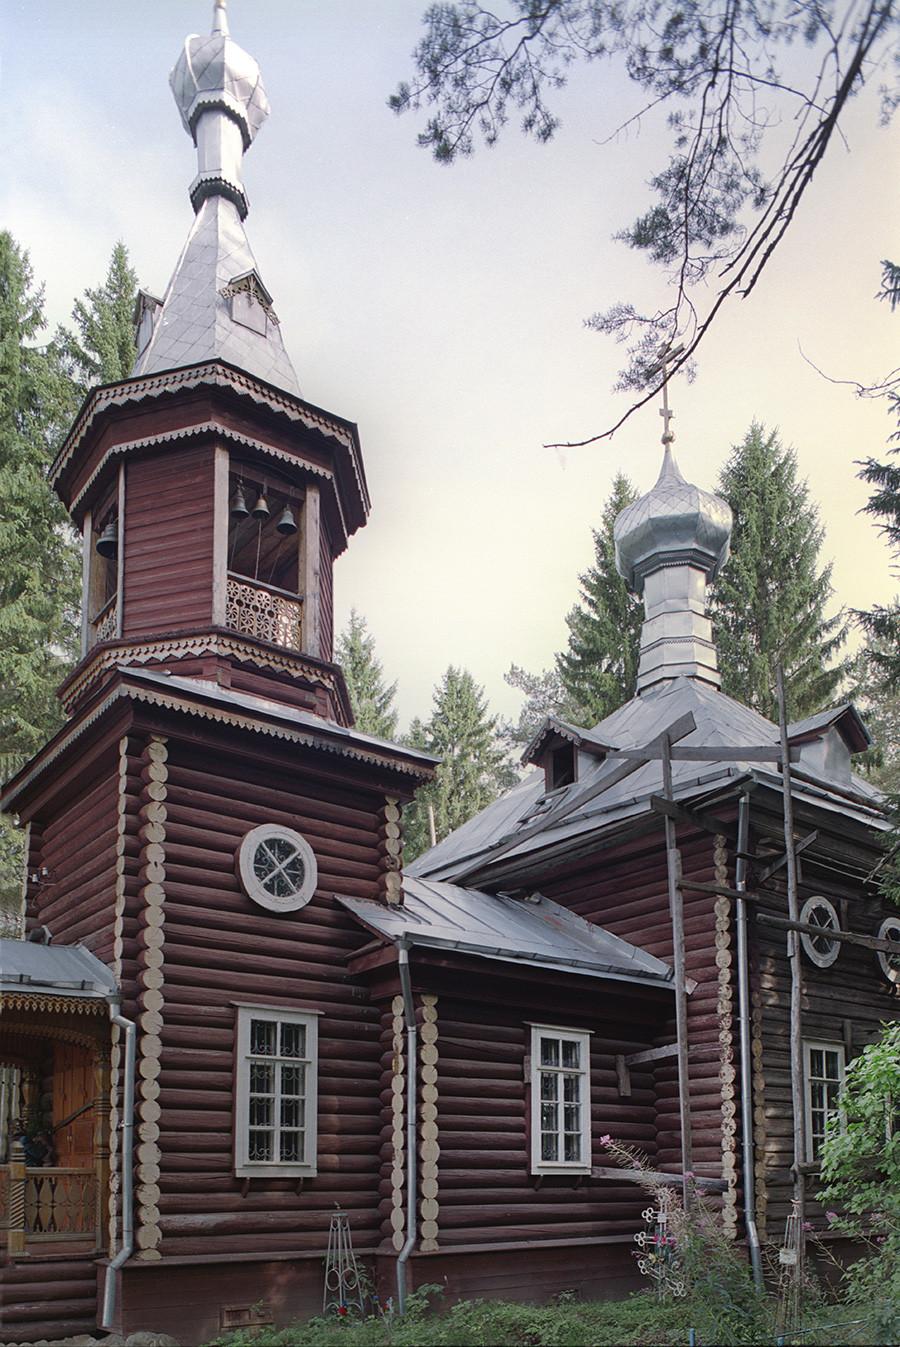 Trochiguino (Andomski Pogost). Église de la Résurrection, vue sud-ouest